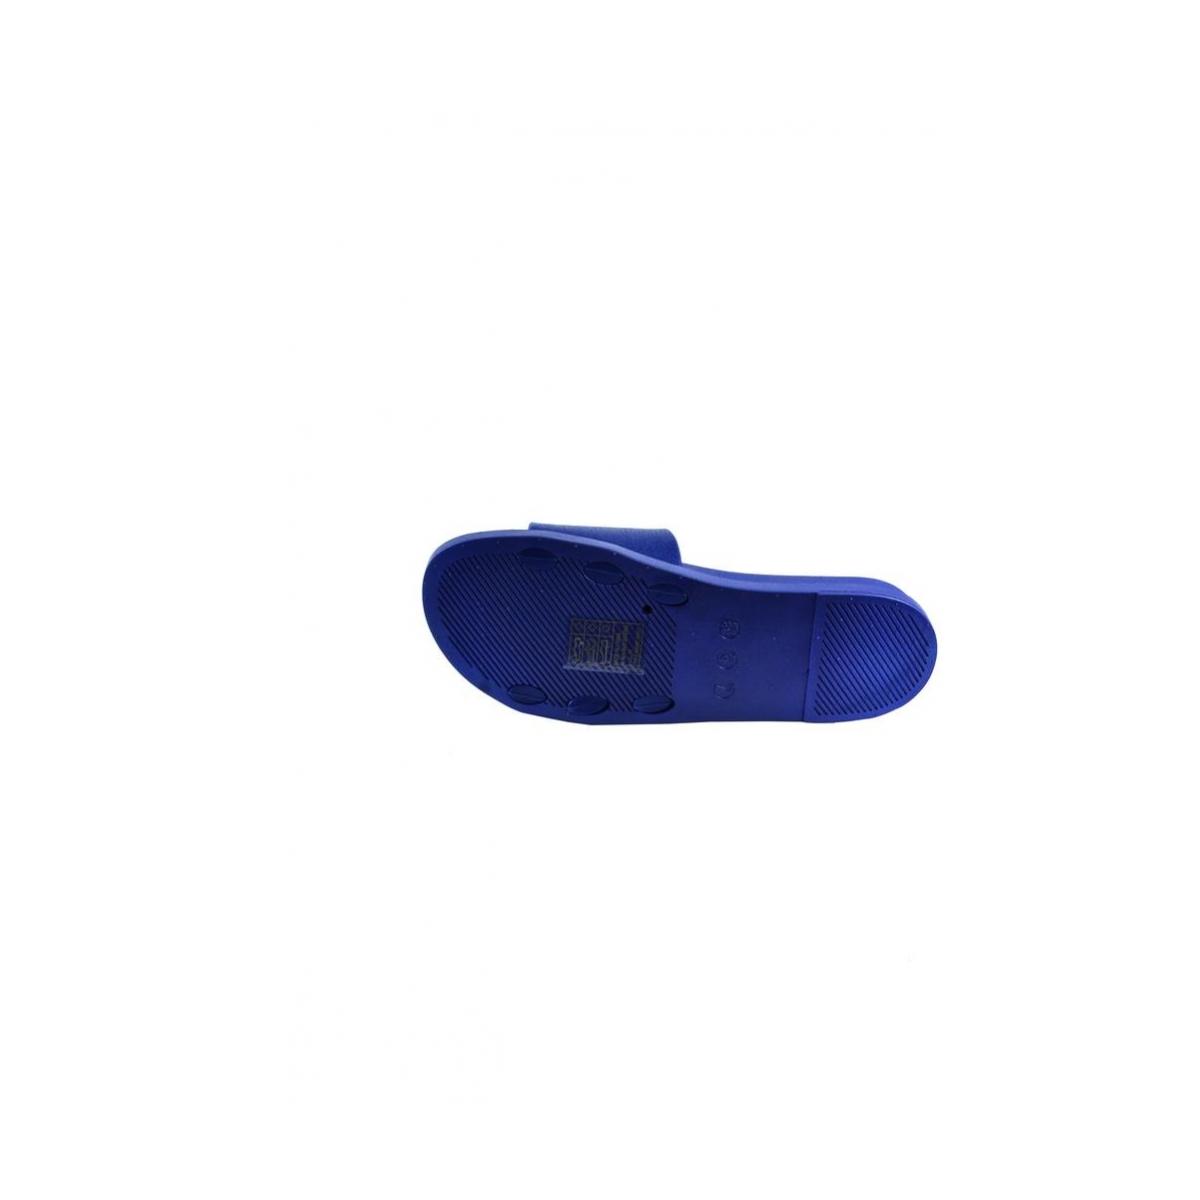 c5d2c9bd21d5 Dámske letné modré šľapky AMINA - 7